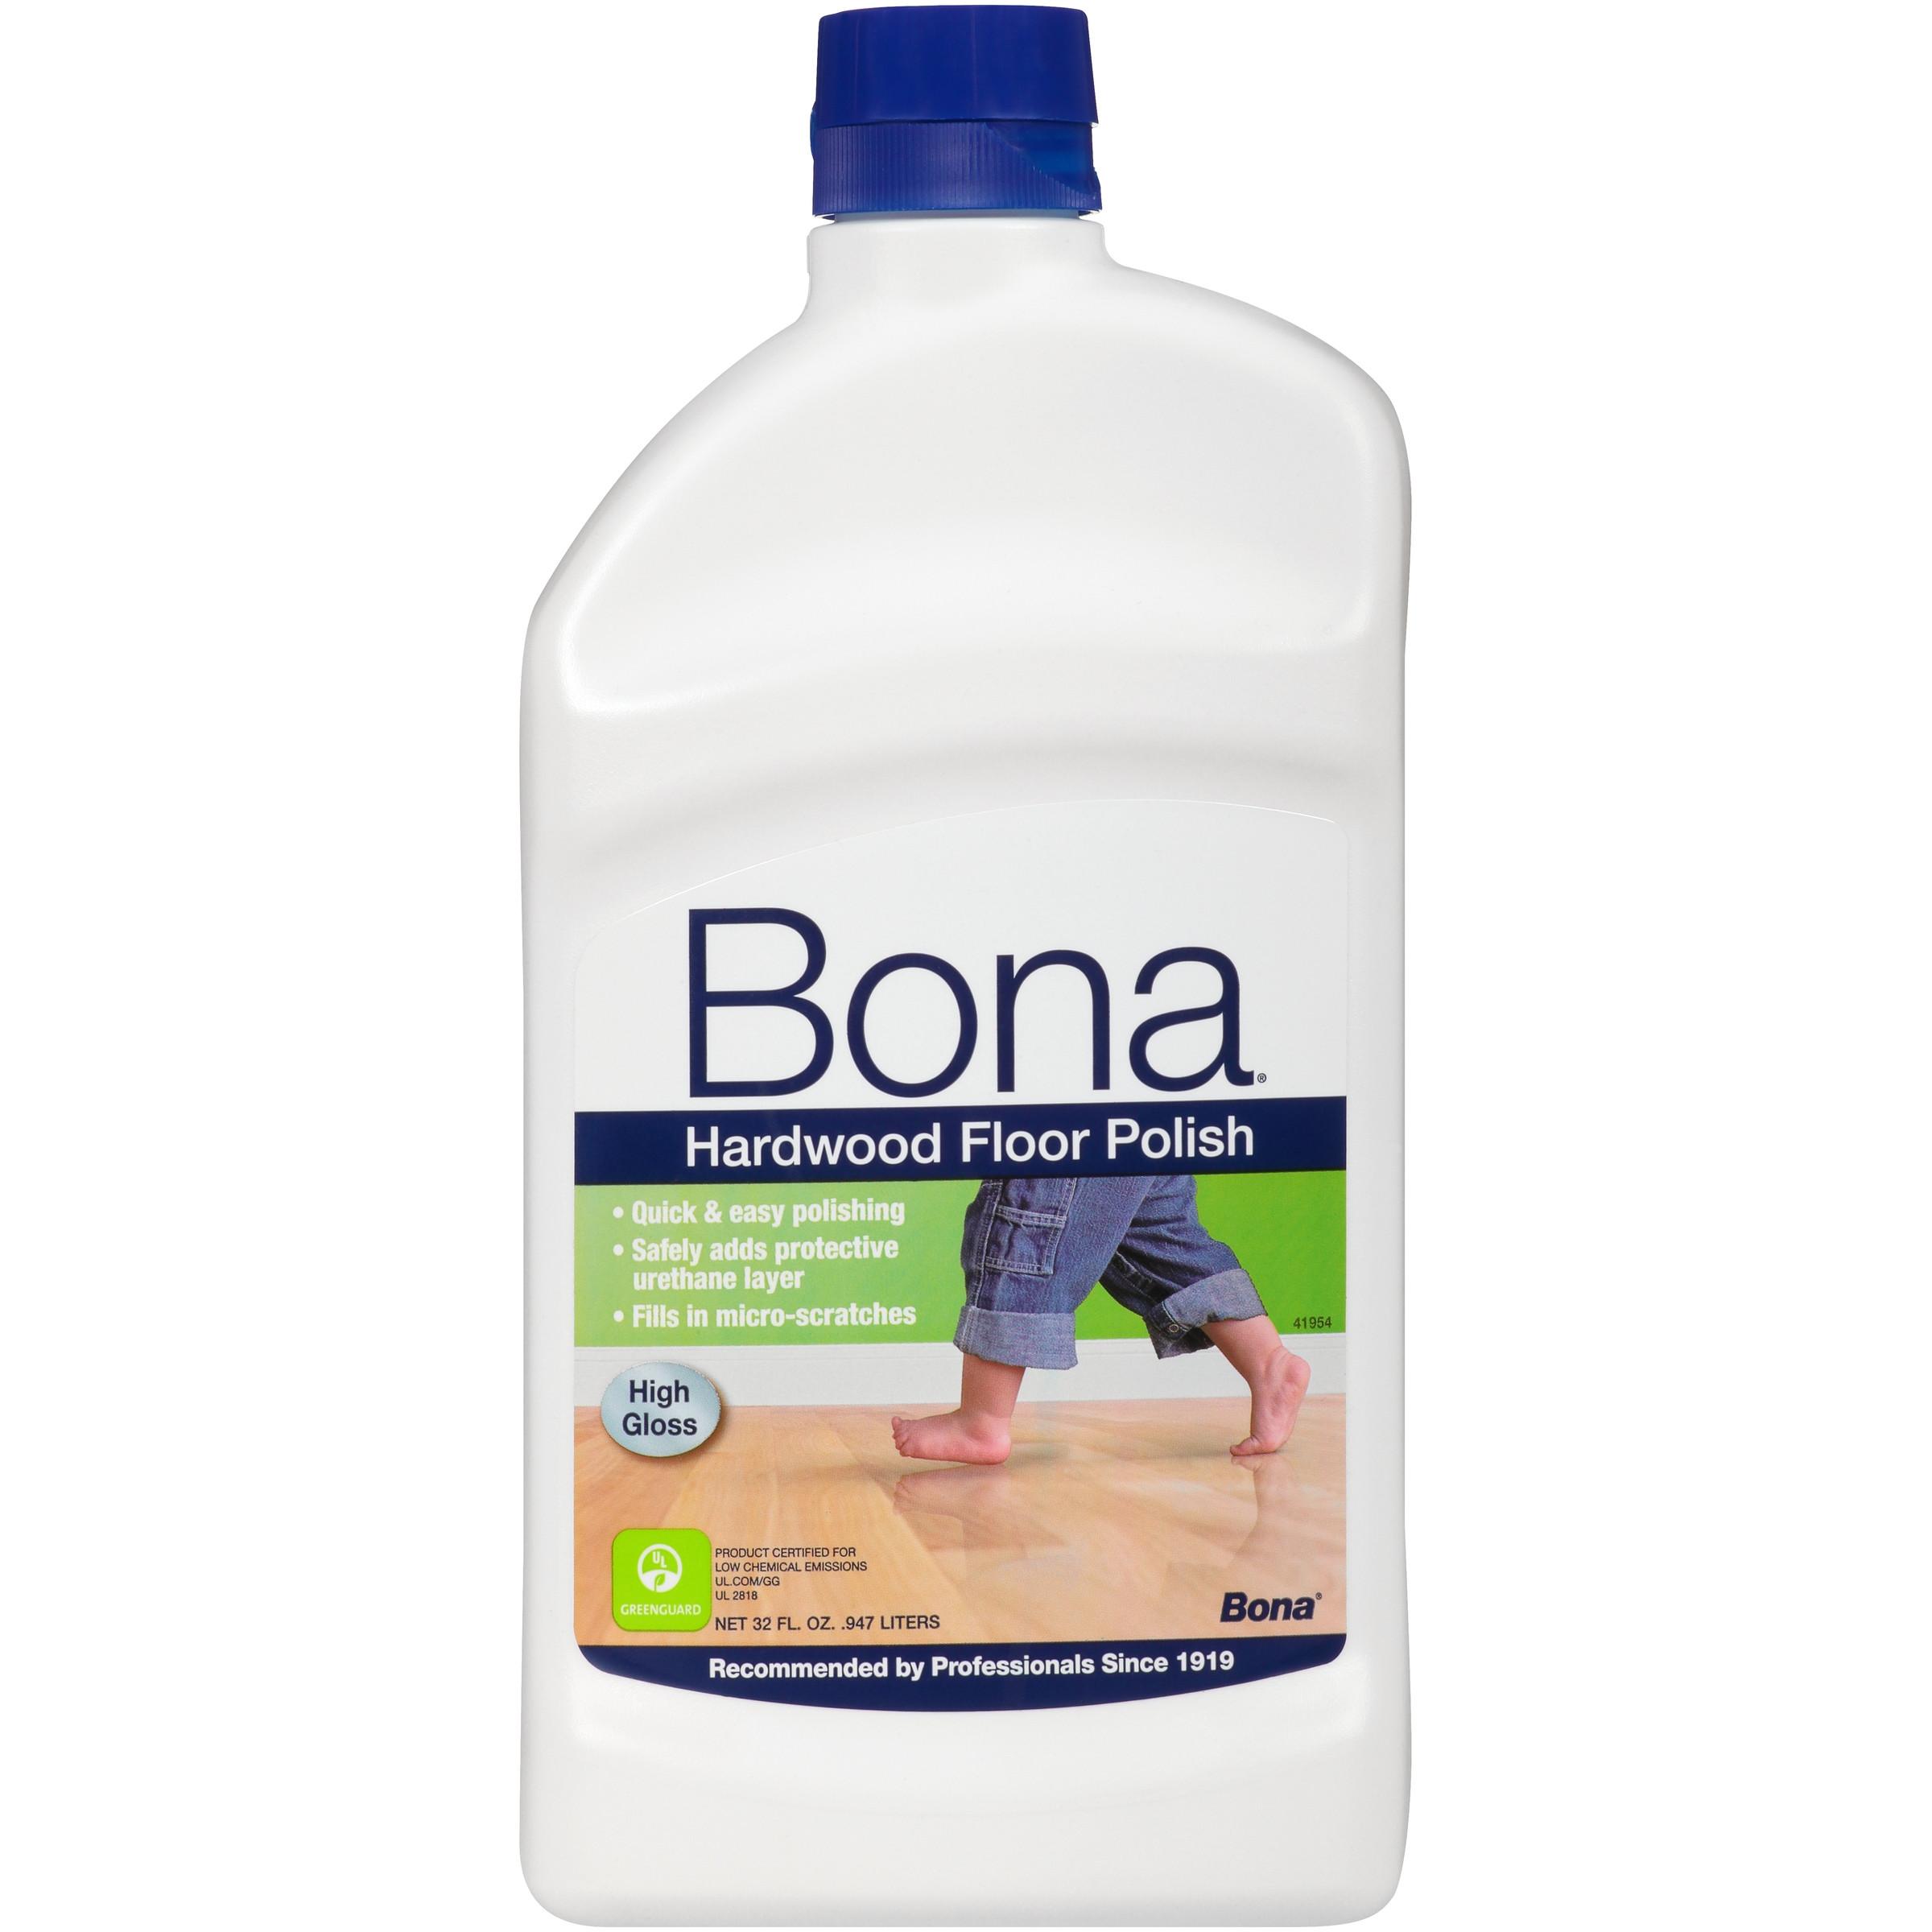 bona hardwood floor cleaner 32 oz of bonaa hardwood floor polish high gloss walmart com pertaining to 93c2e284 7a15 452e b222 9311b1554803 1 54b2683fcd0aa85629ba5f708f607e13